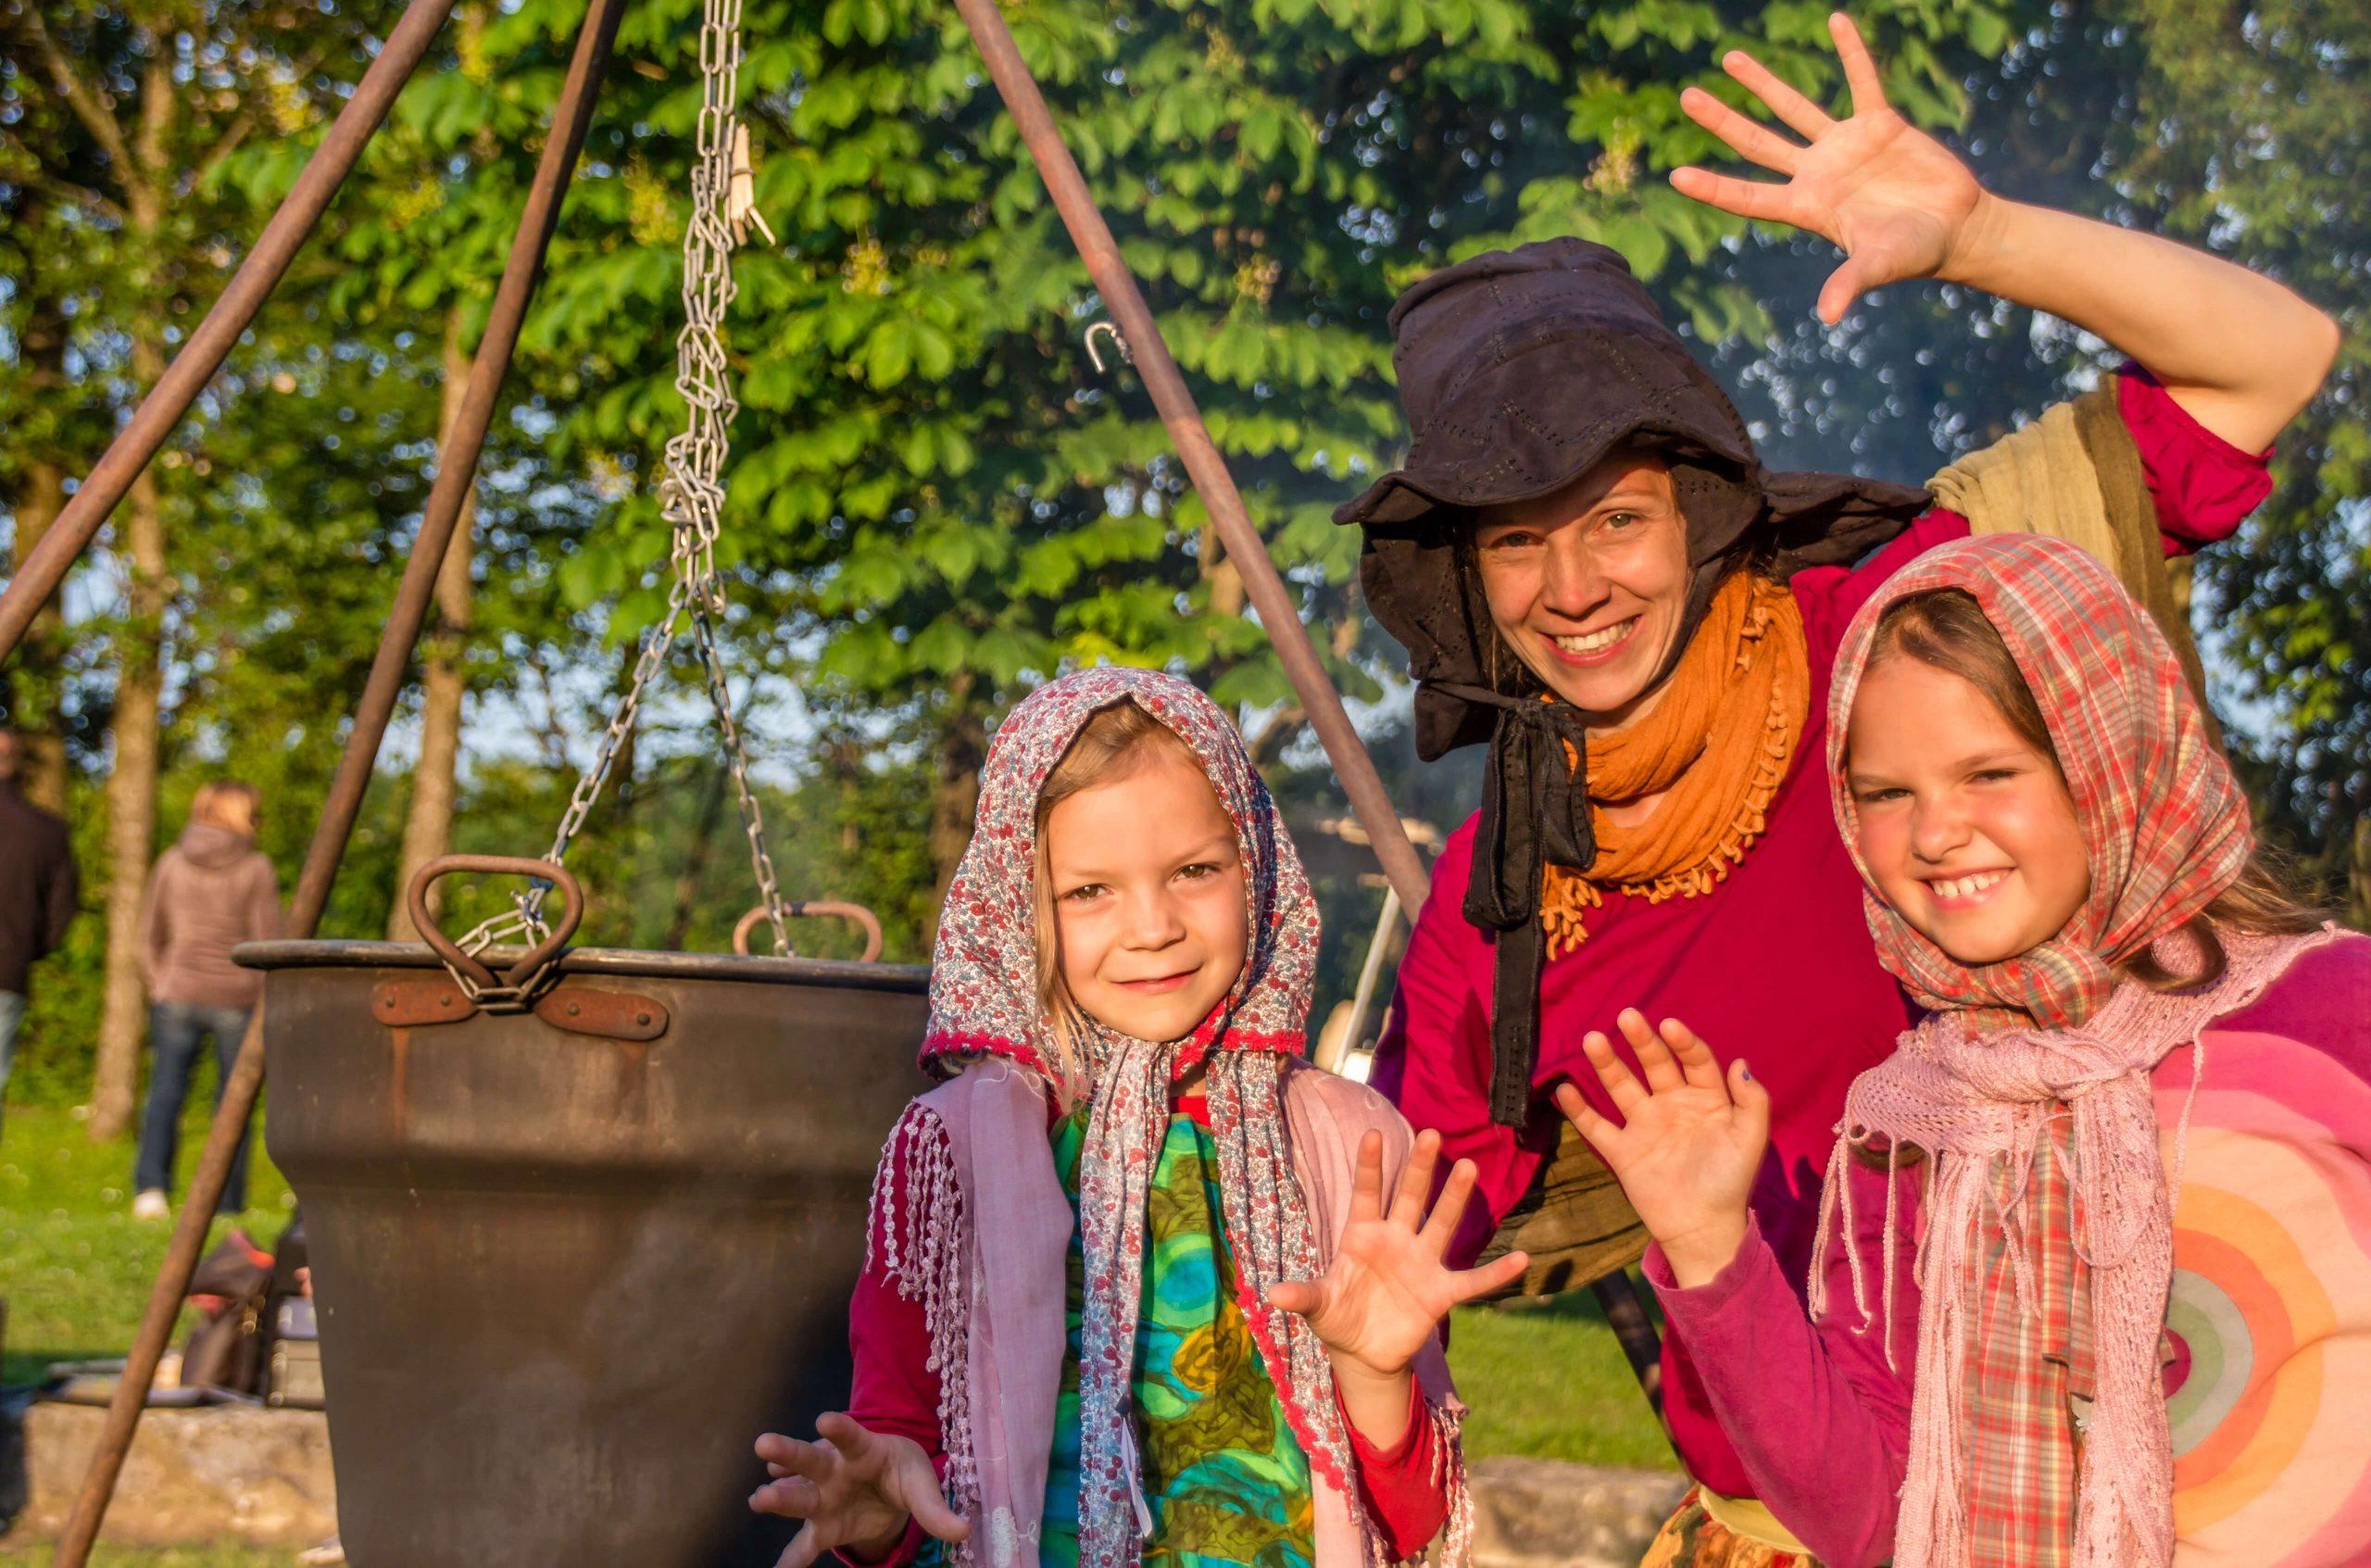 Campingplatz Wirthshof: Hexentanz Kinderanimation | © Wirthshof GmbH